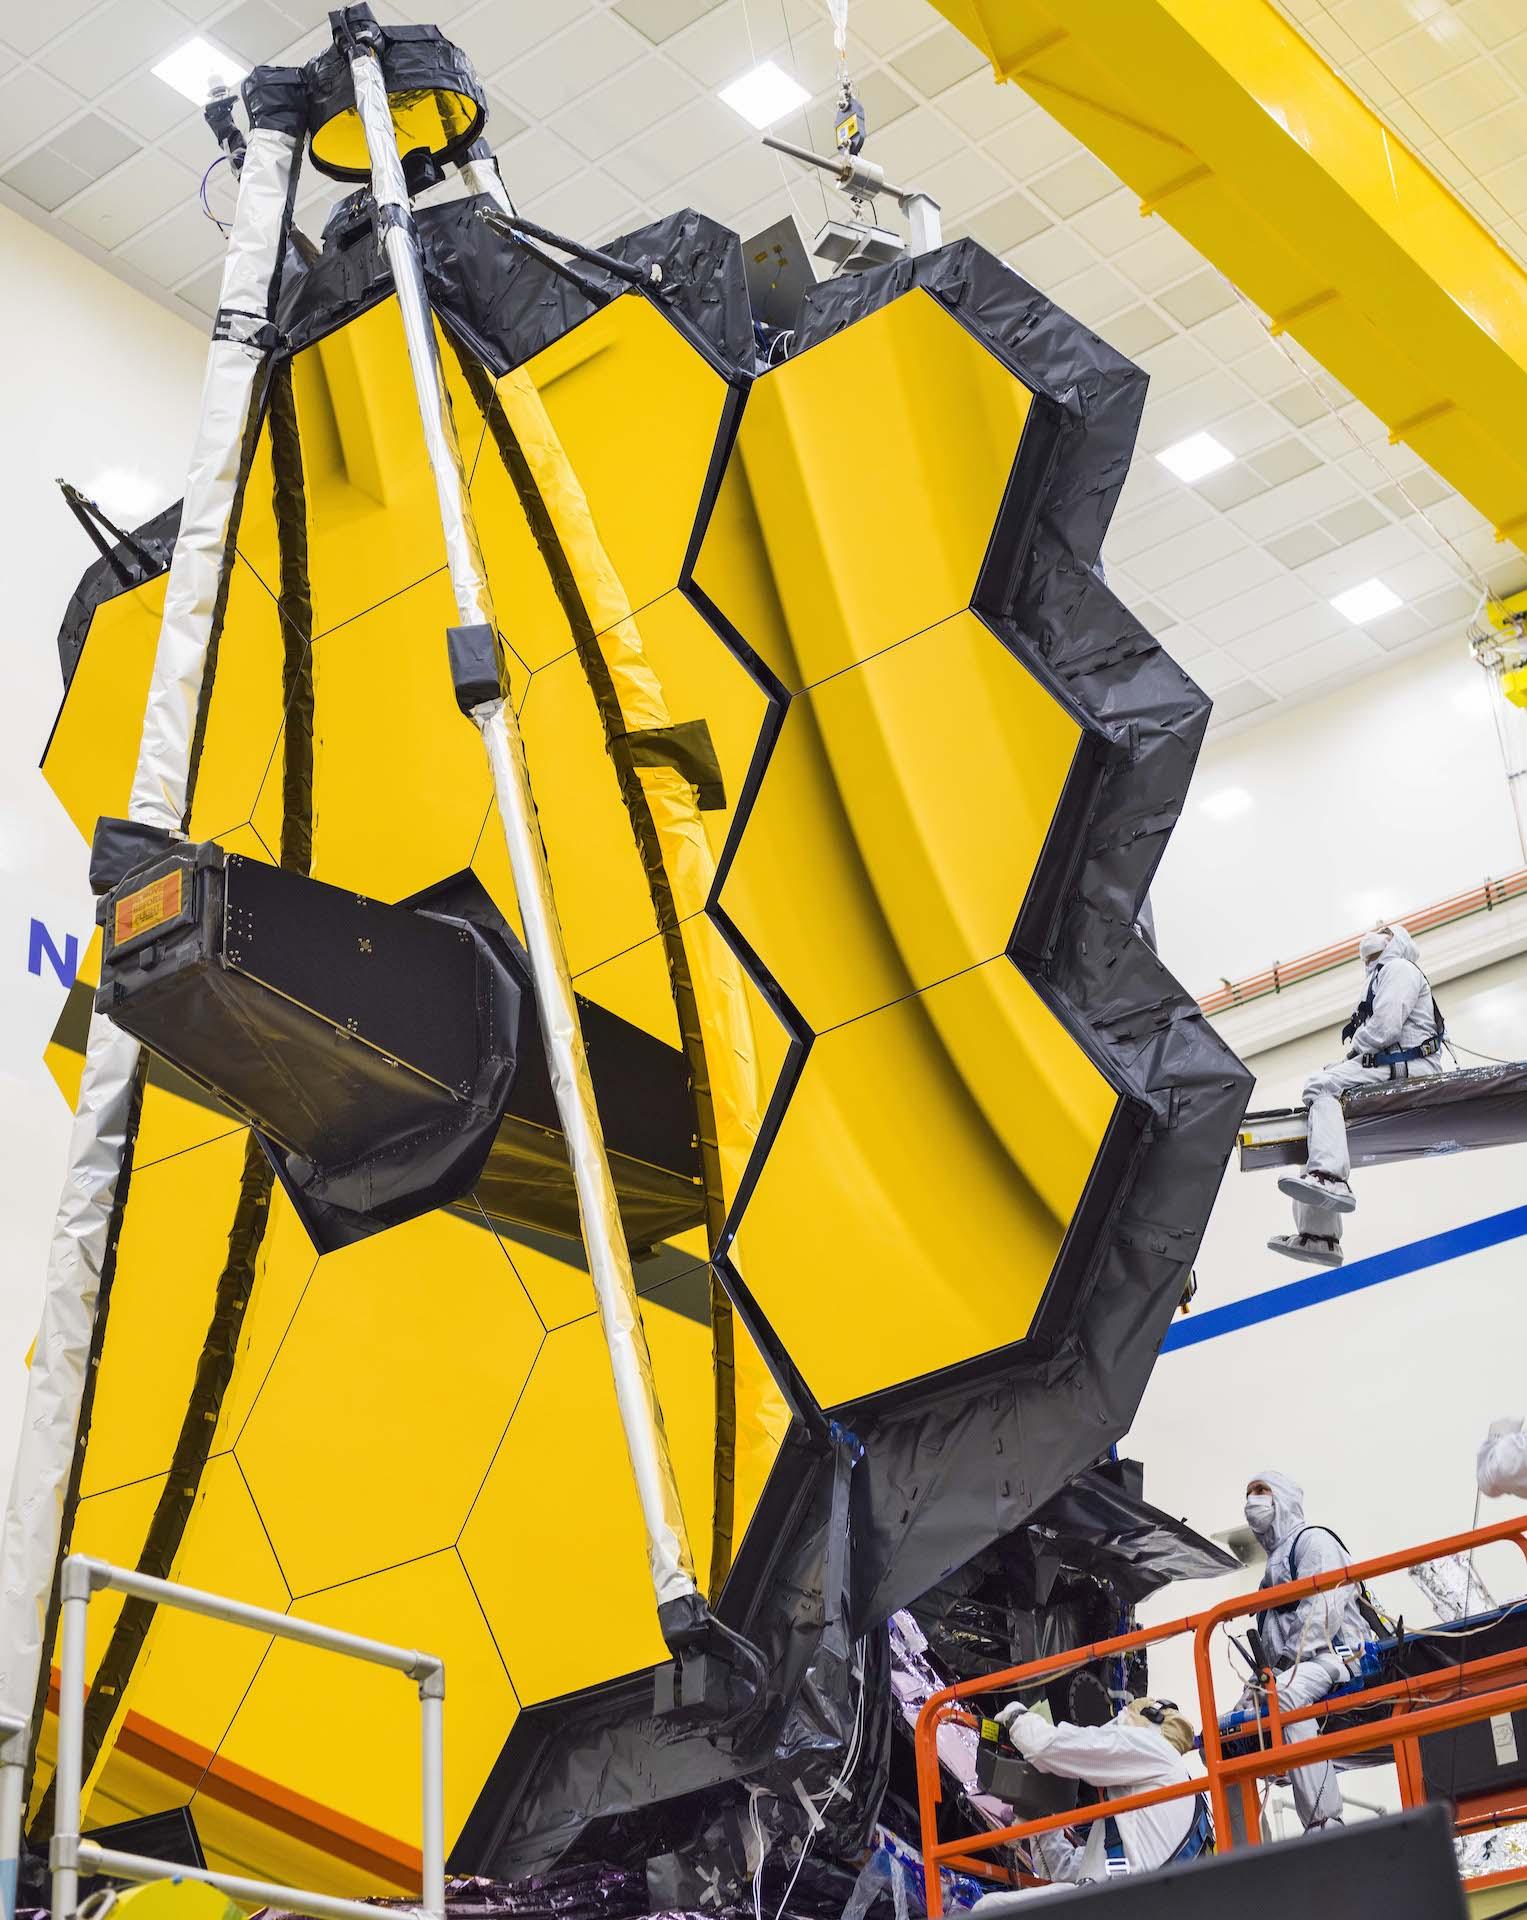 Tre specchi laterali del James Webb Space Telescope durante l'ultimo test di dispiegamento. Credits: NASA/Chris Gunn